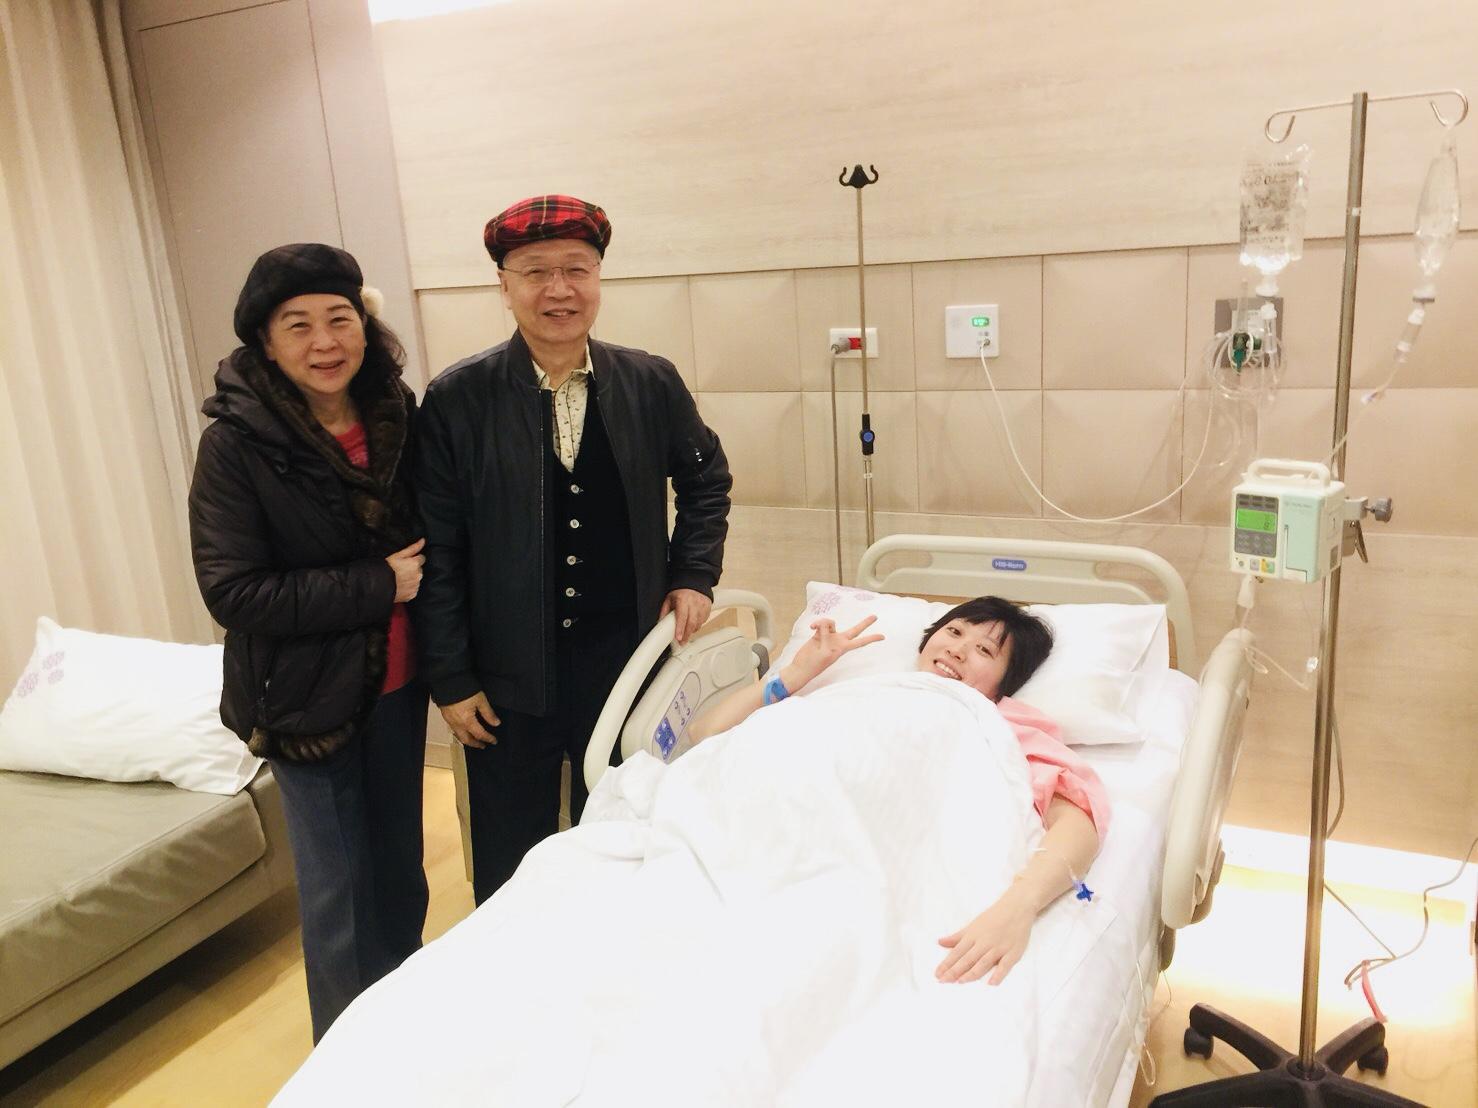 喜洋洋的紅帽紅衣福星爸媽